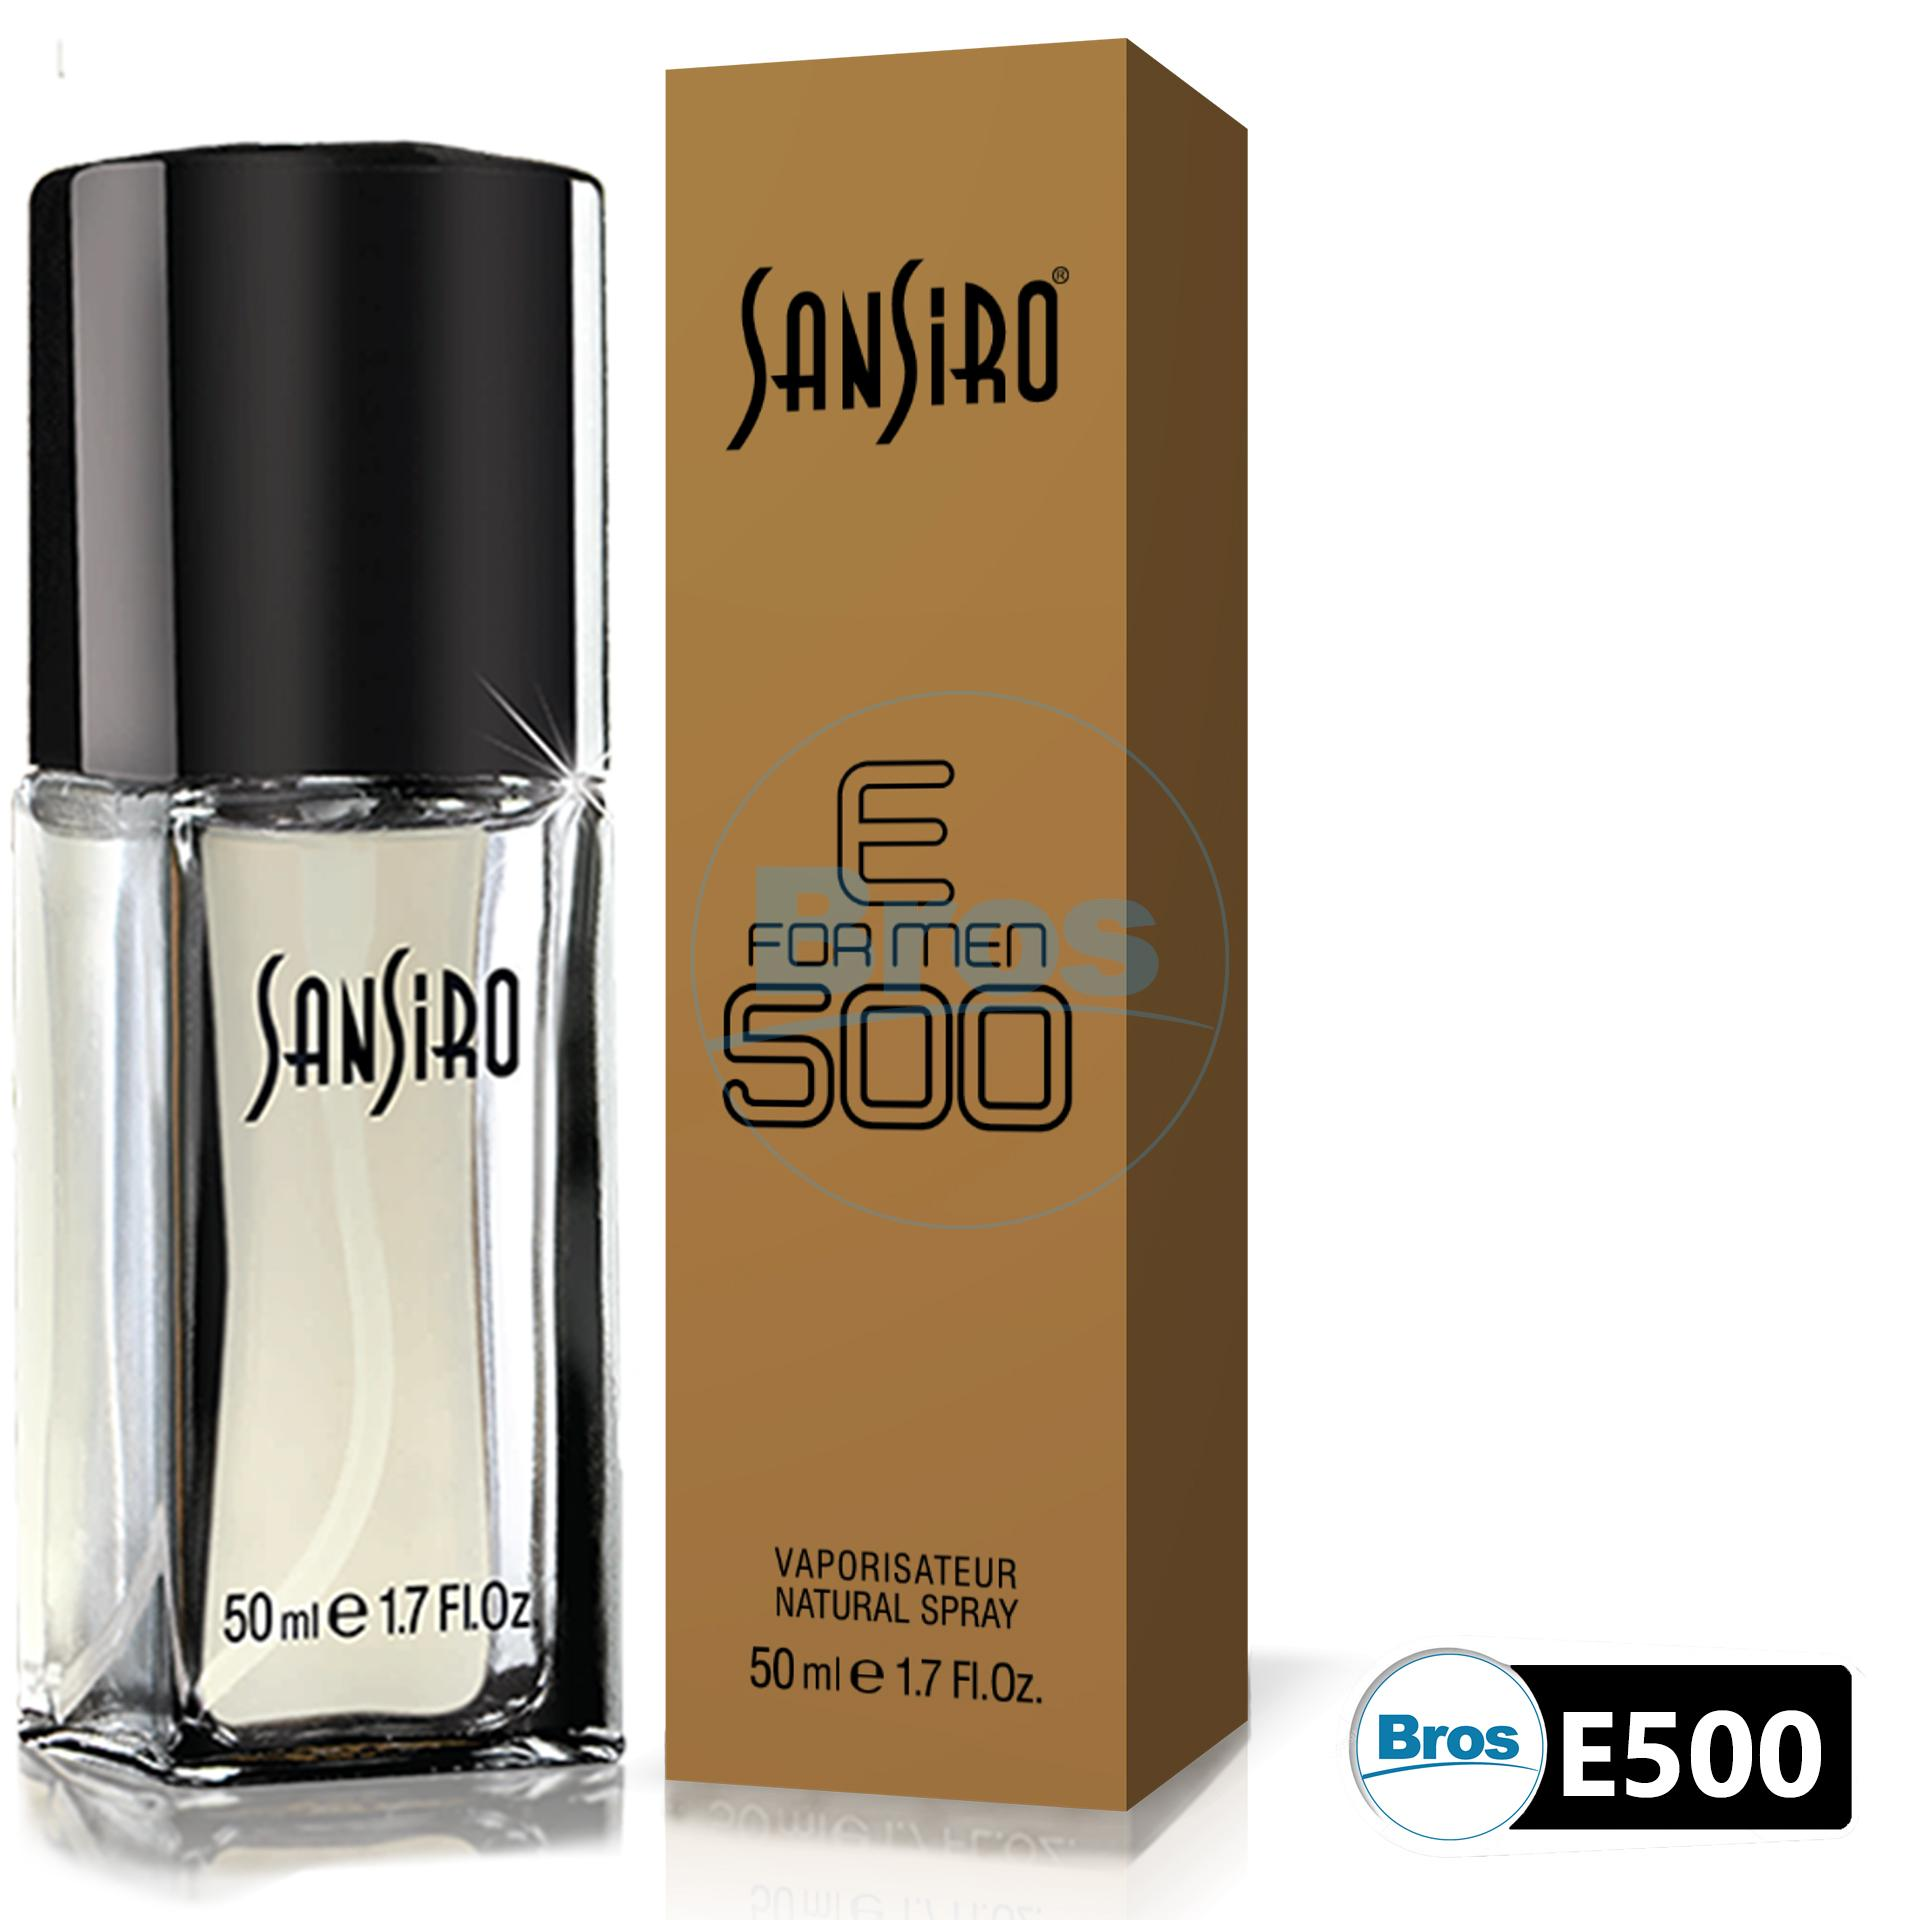 Nước hoa Sansiro 50ml cho nam - E500